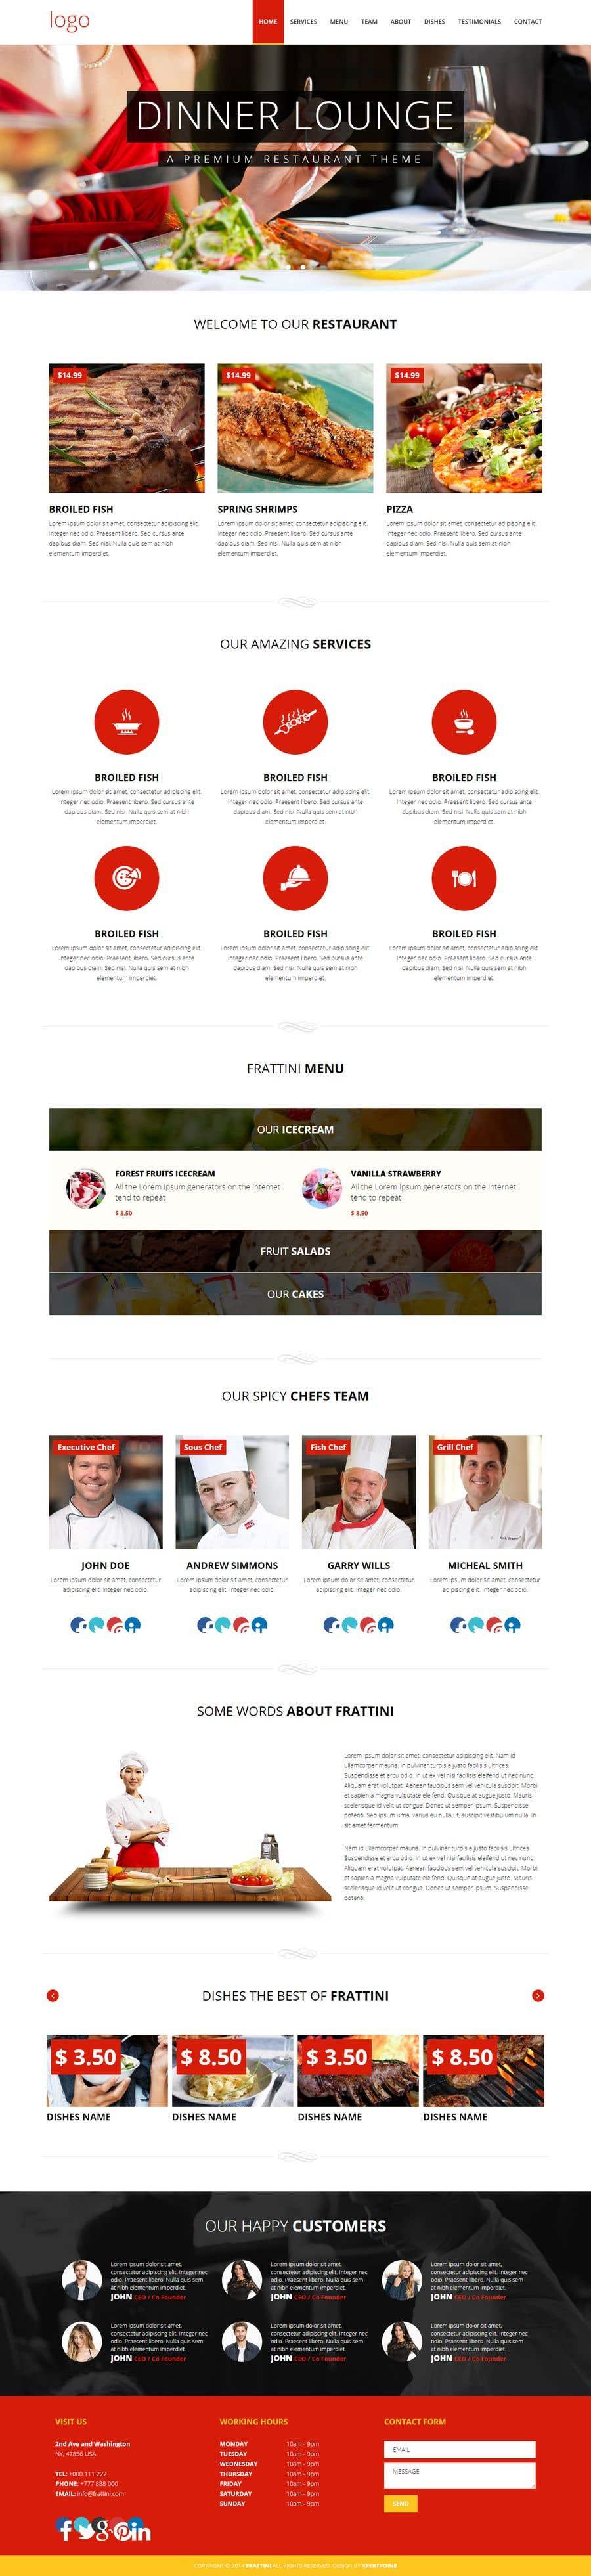 Konkurrenceindlæg #3 for Design A Website and Logo For Restaurant